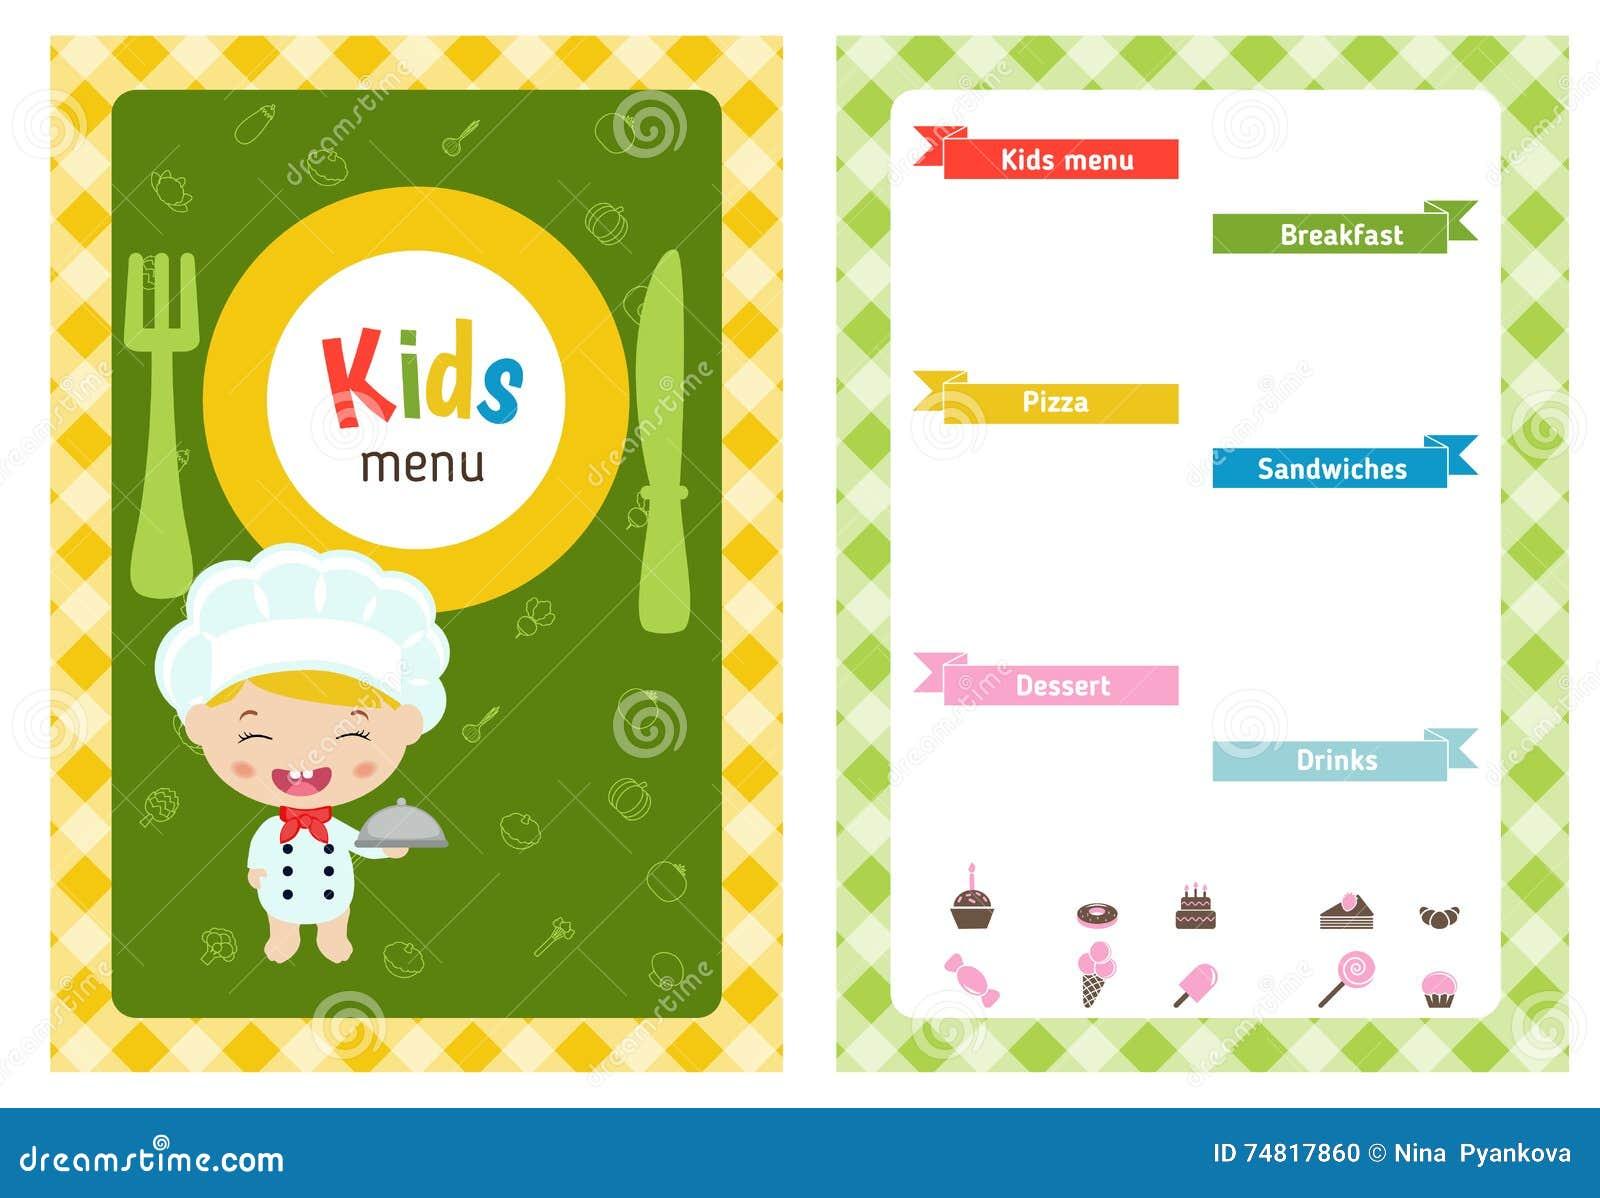 recipie card template